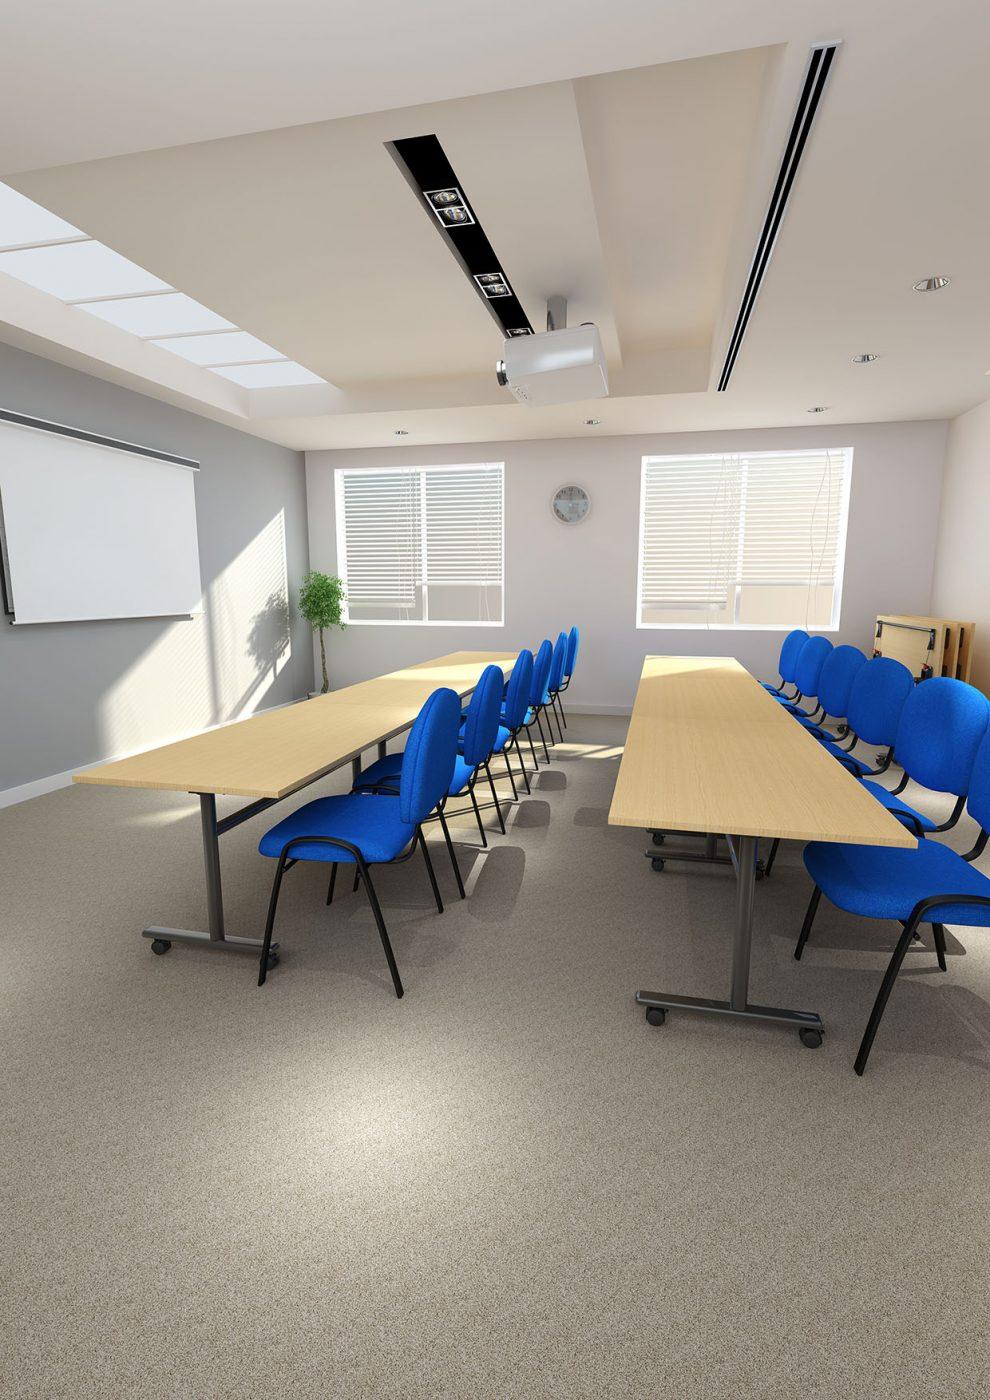 flip top tables, bank of desks, MFC, office furniture